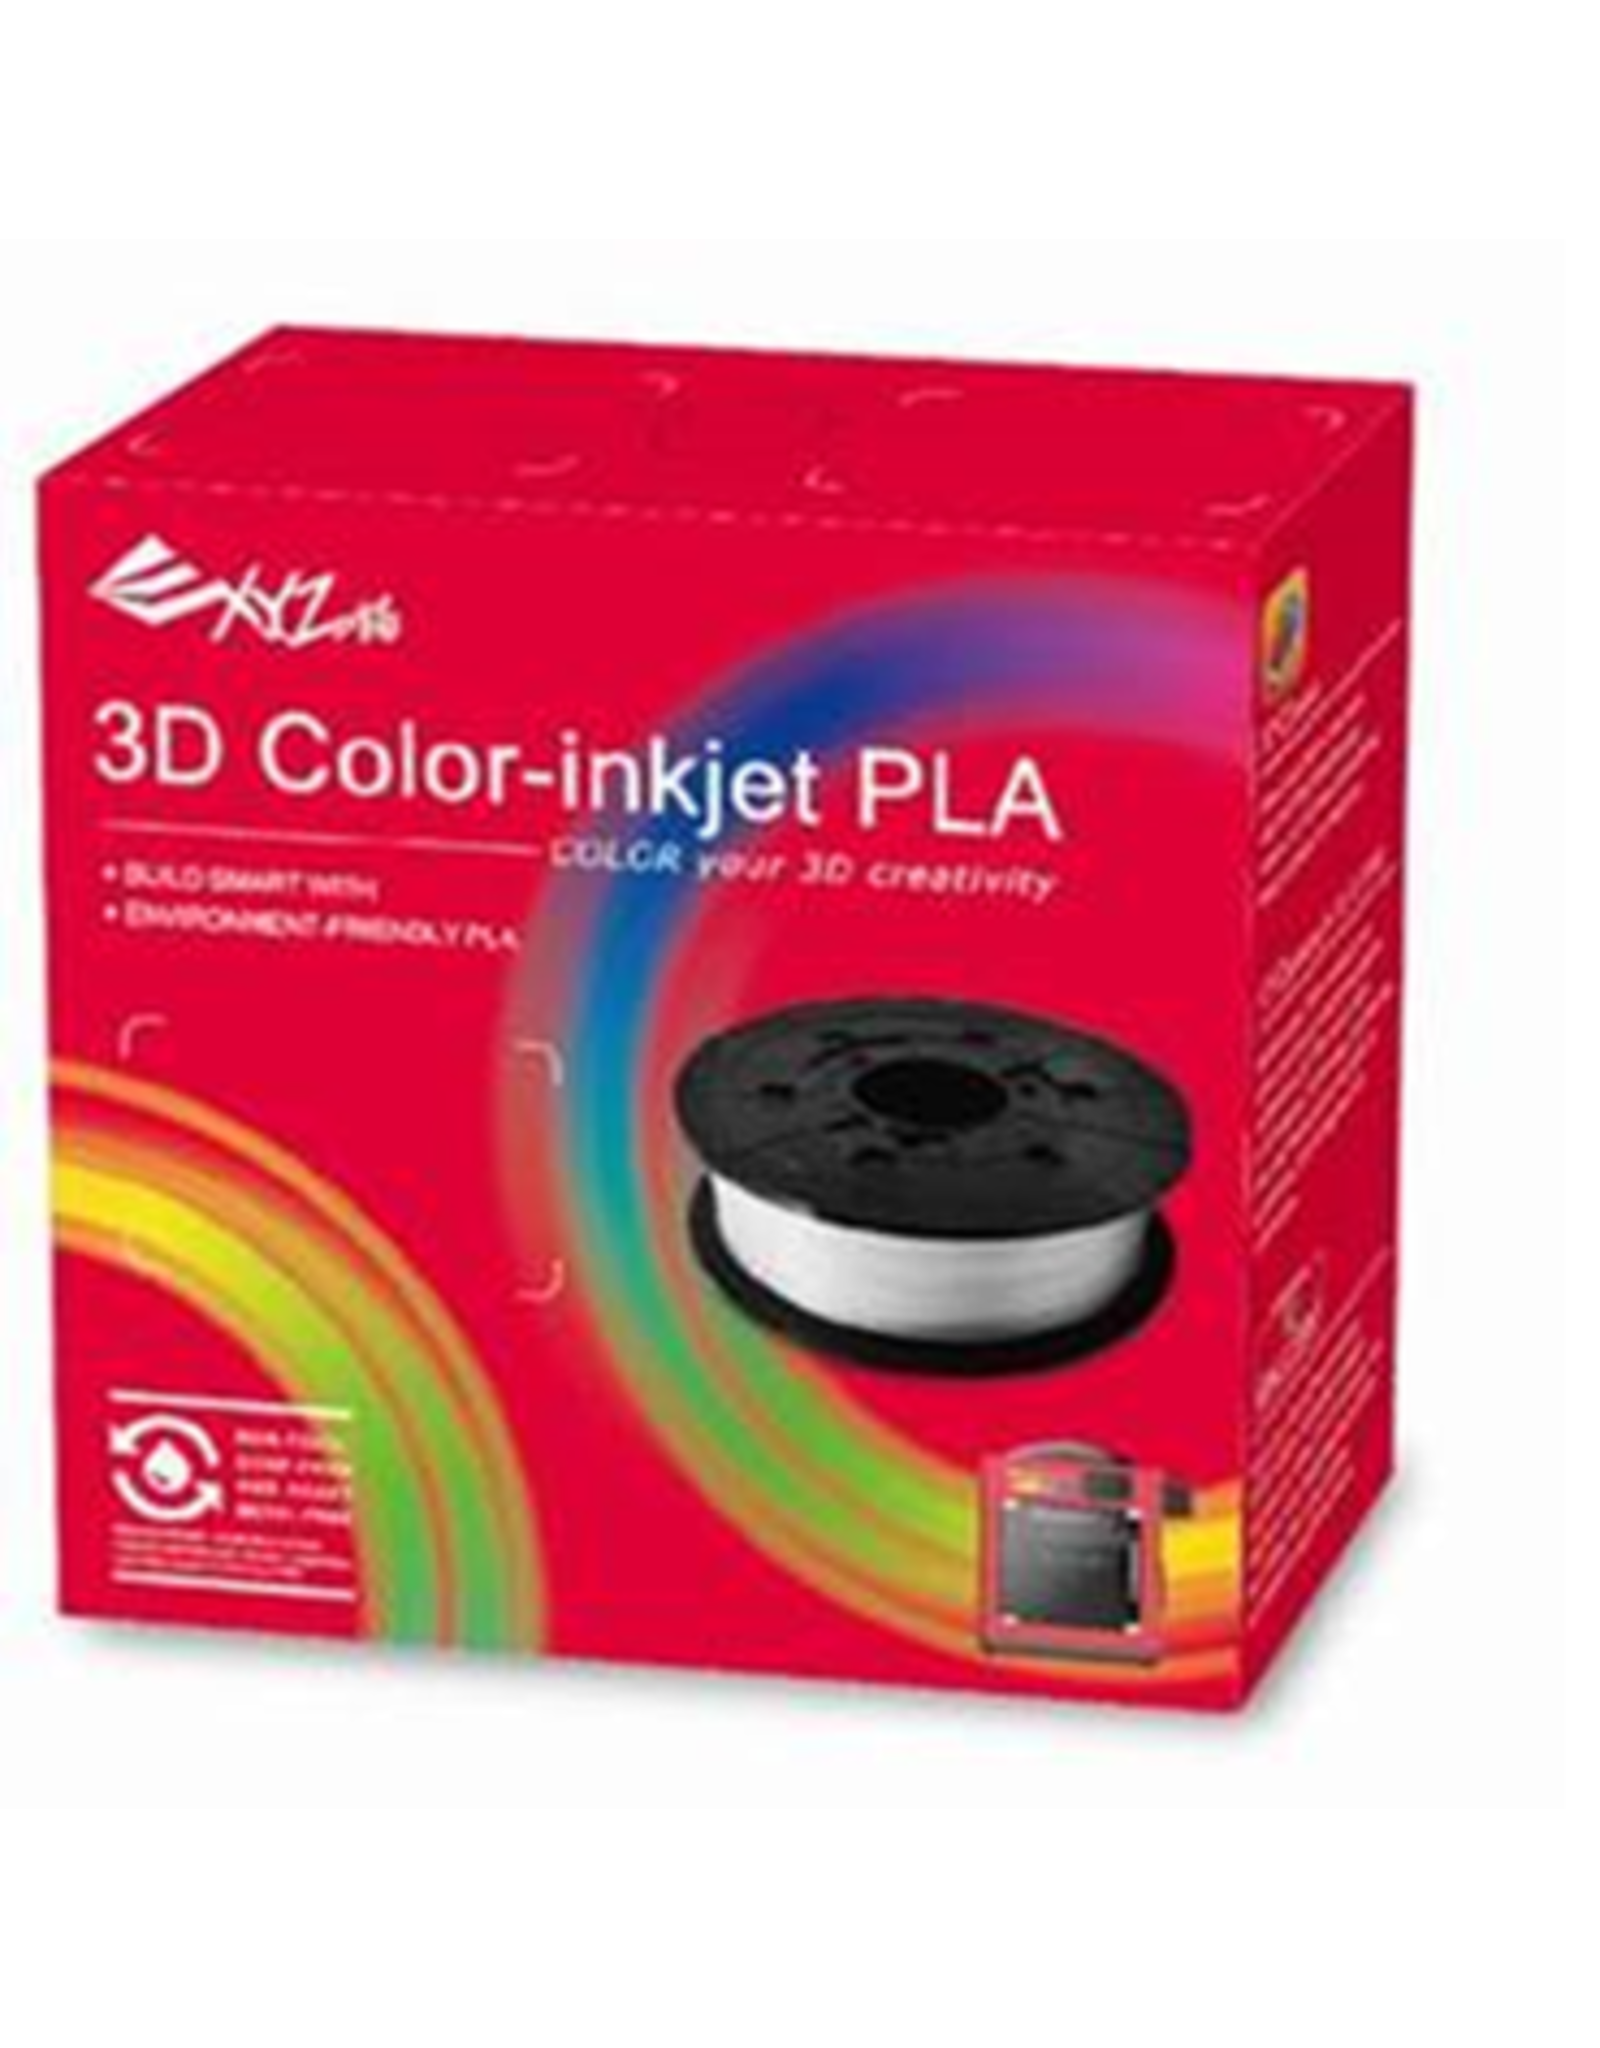 XYZ Printing Da Vinci XYZprinting CPLA - 600g - Blanc pour da Vinci Color